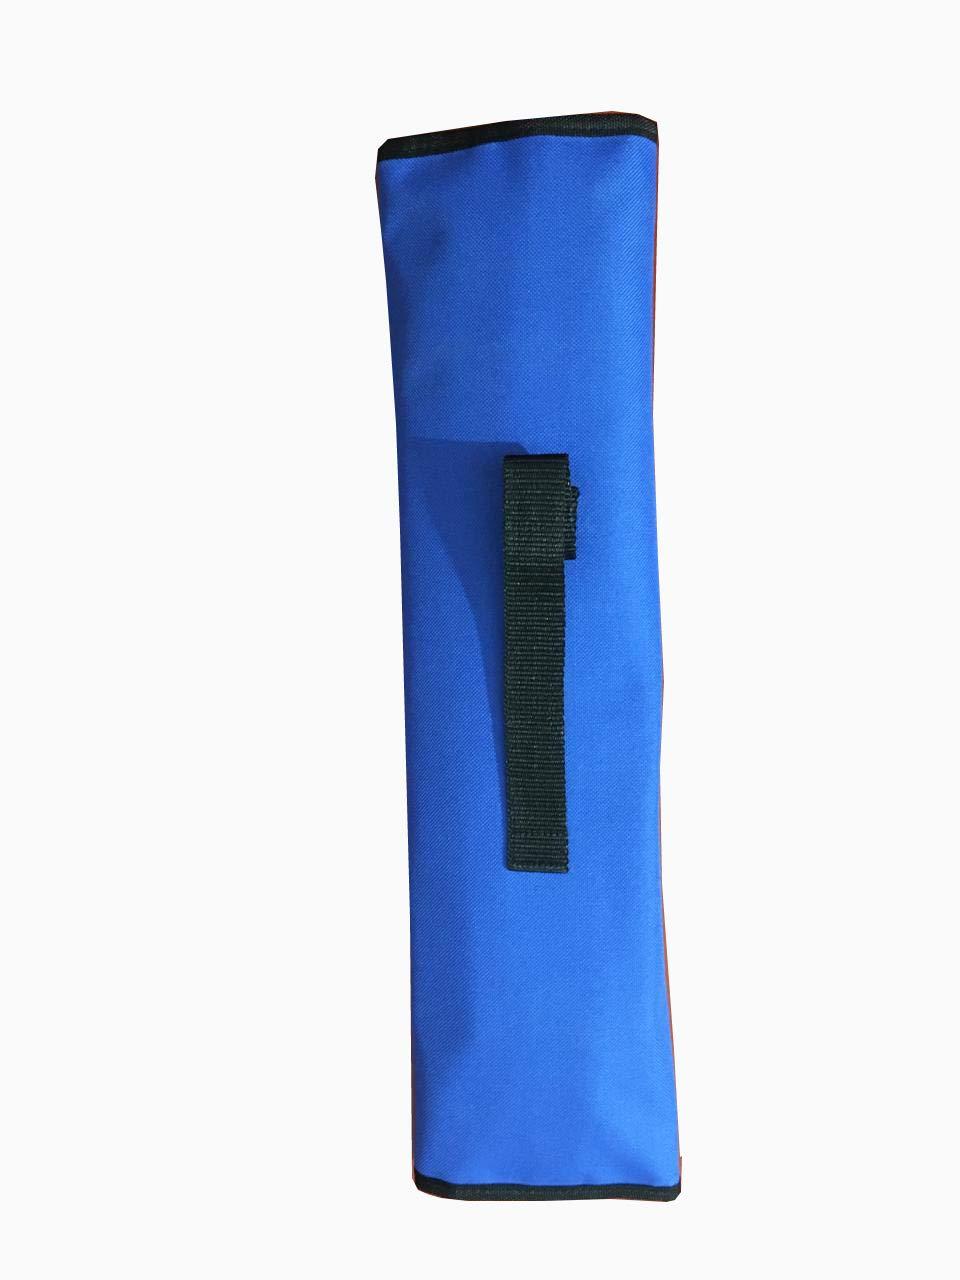 SiS EQUINOX Farrier Tool Kit Hoof Rasp, Hoof Nipper & Knife in a Storage Wallet by SiS EQUINOX (Image #5)